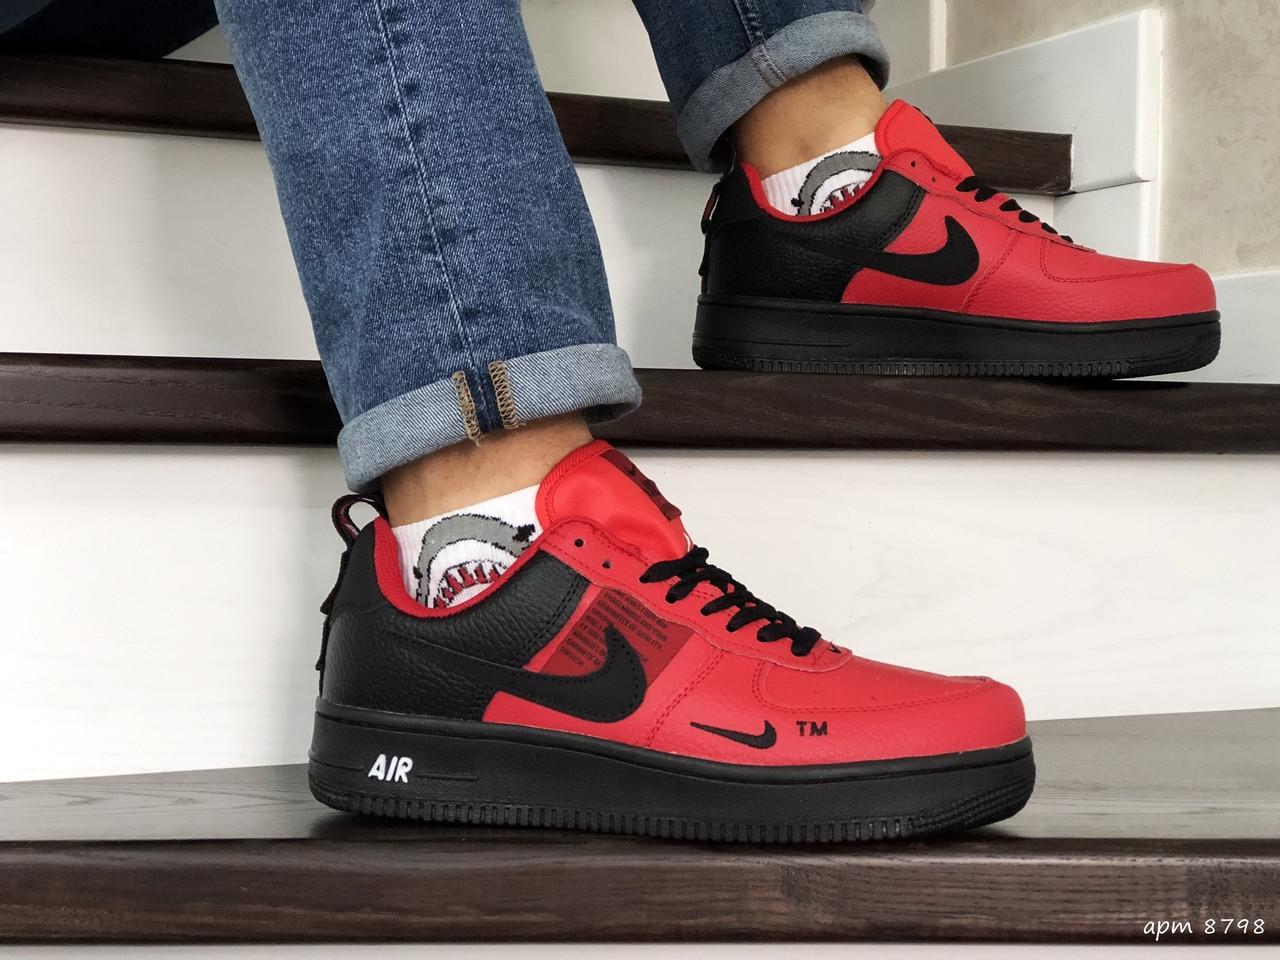 Мужские демисезонные кроссовки (в стиле) Nike Air Force,красные с черным